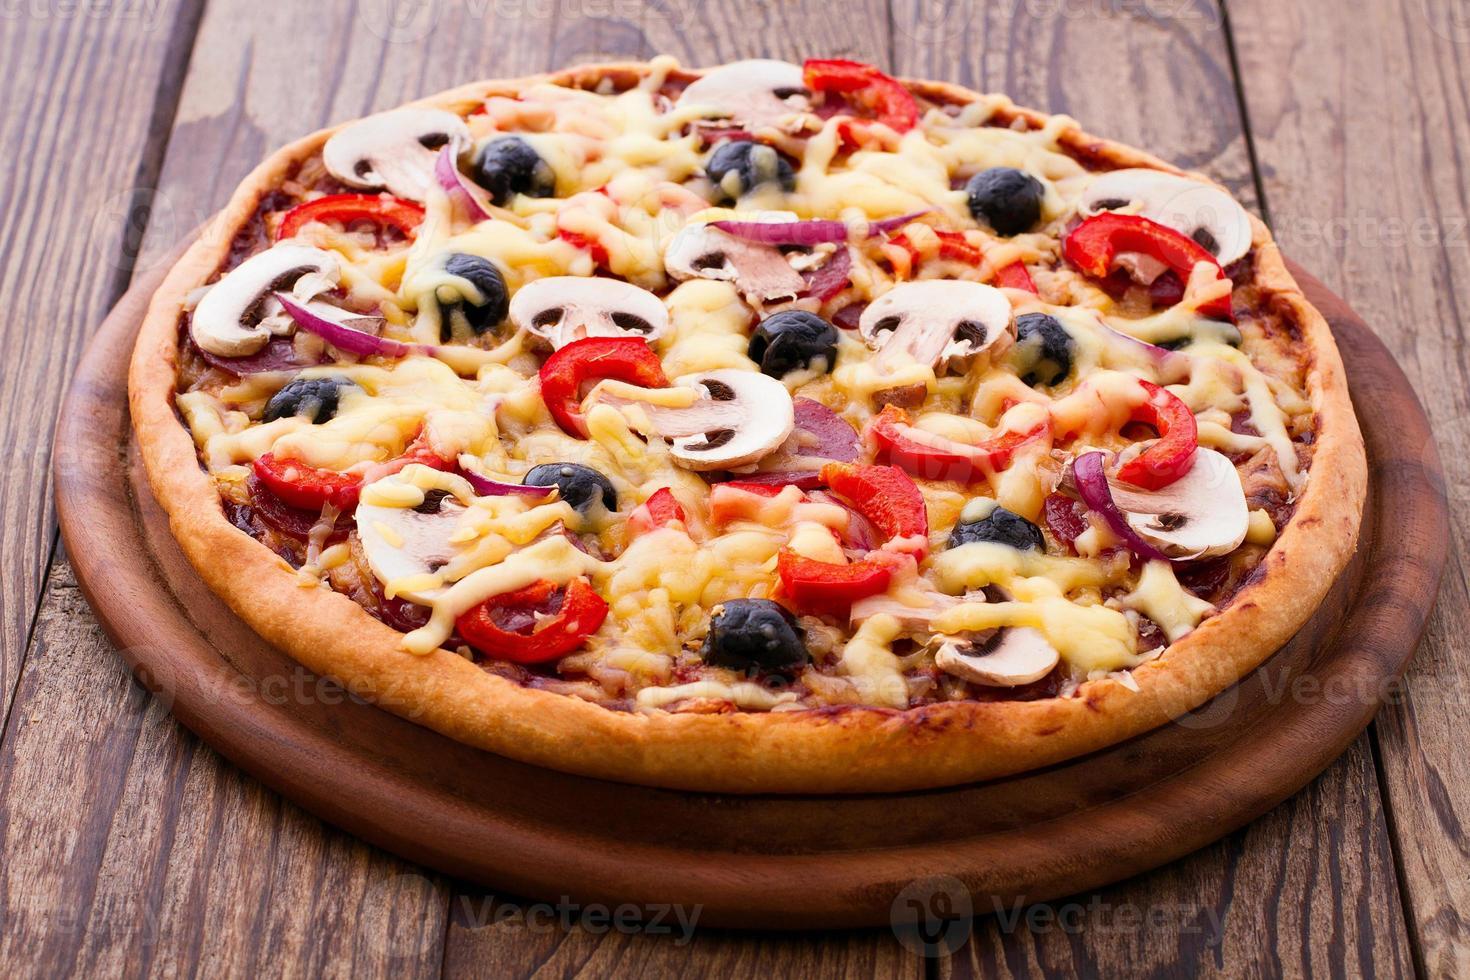 pizza met zeevruchten op houten tafel foto